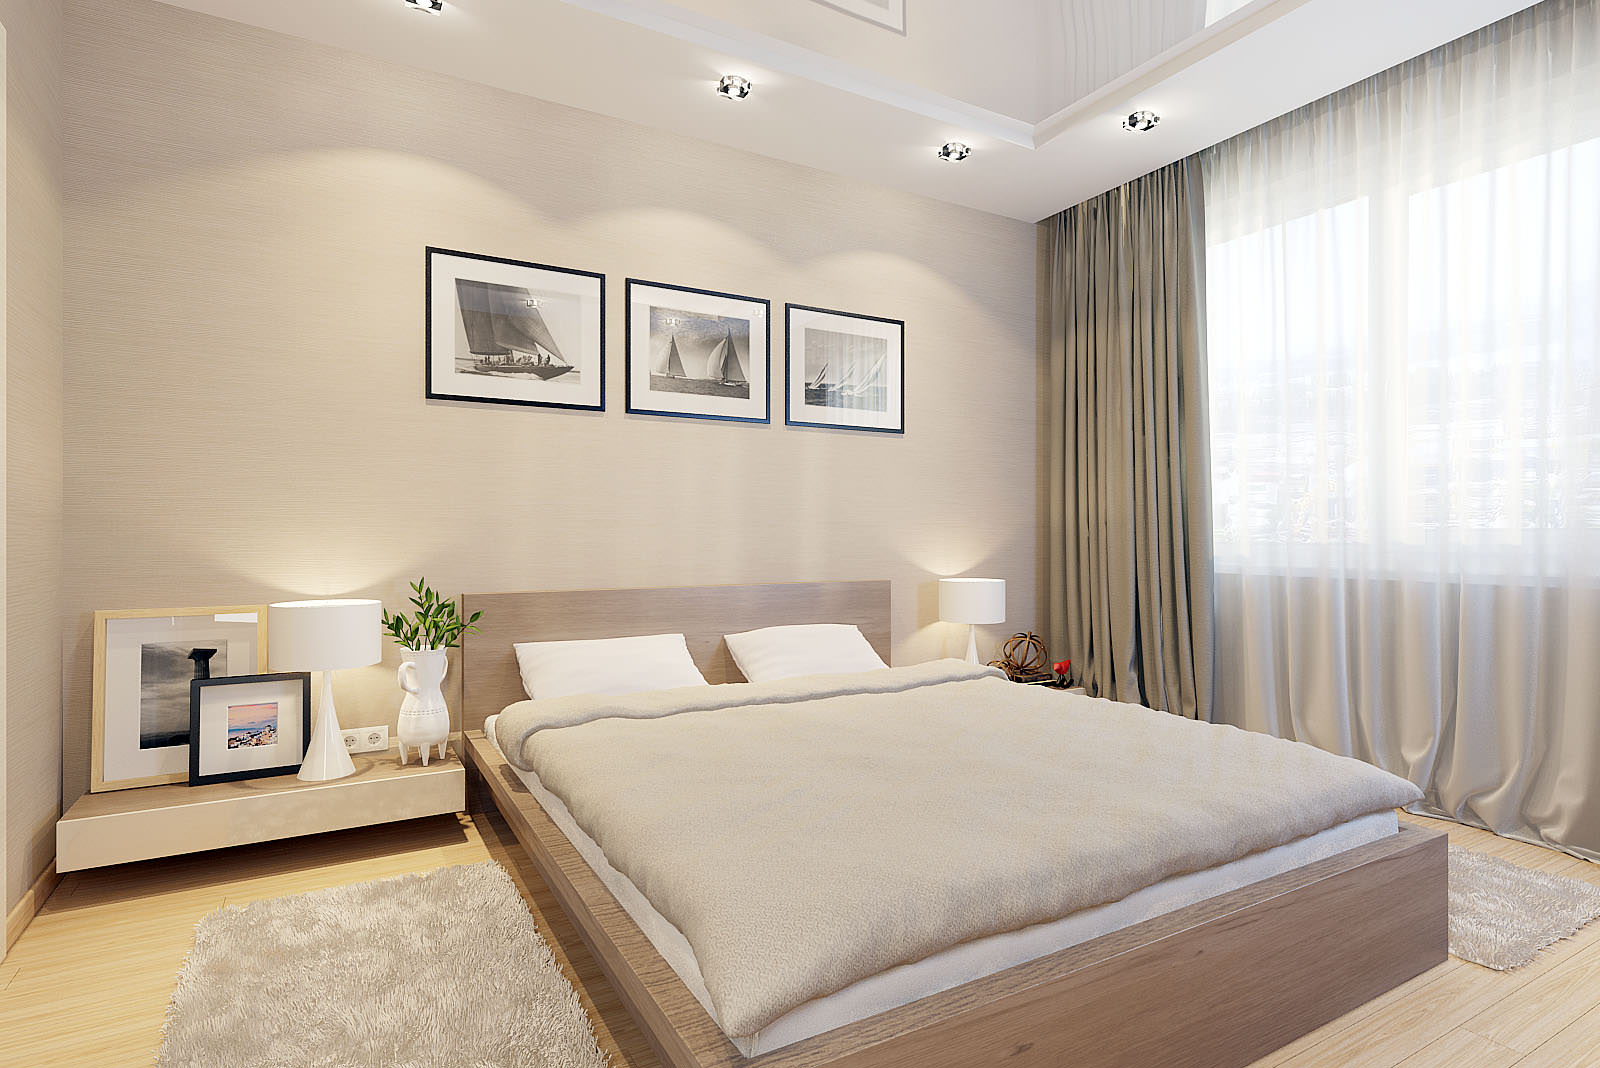 интерьер спальни в бежево-белых тонах